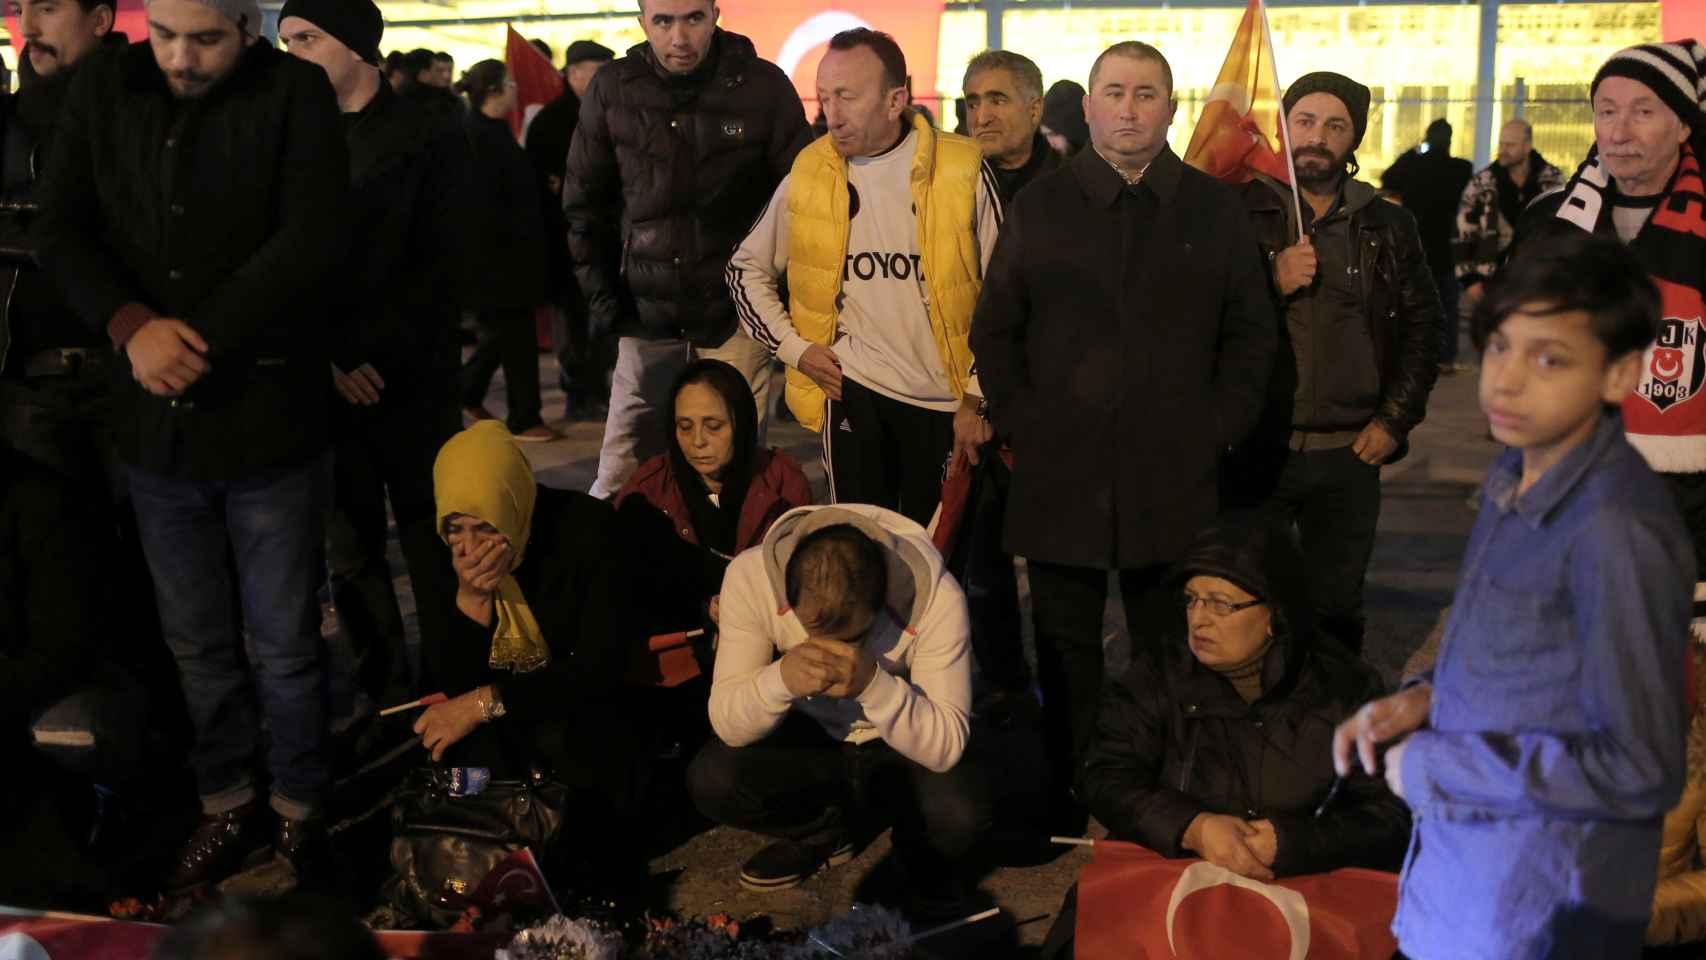 Vecinos de Estambul lamentan la muerte de 38 personas en el atentado.